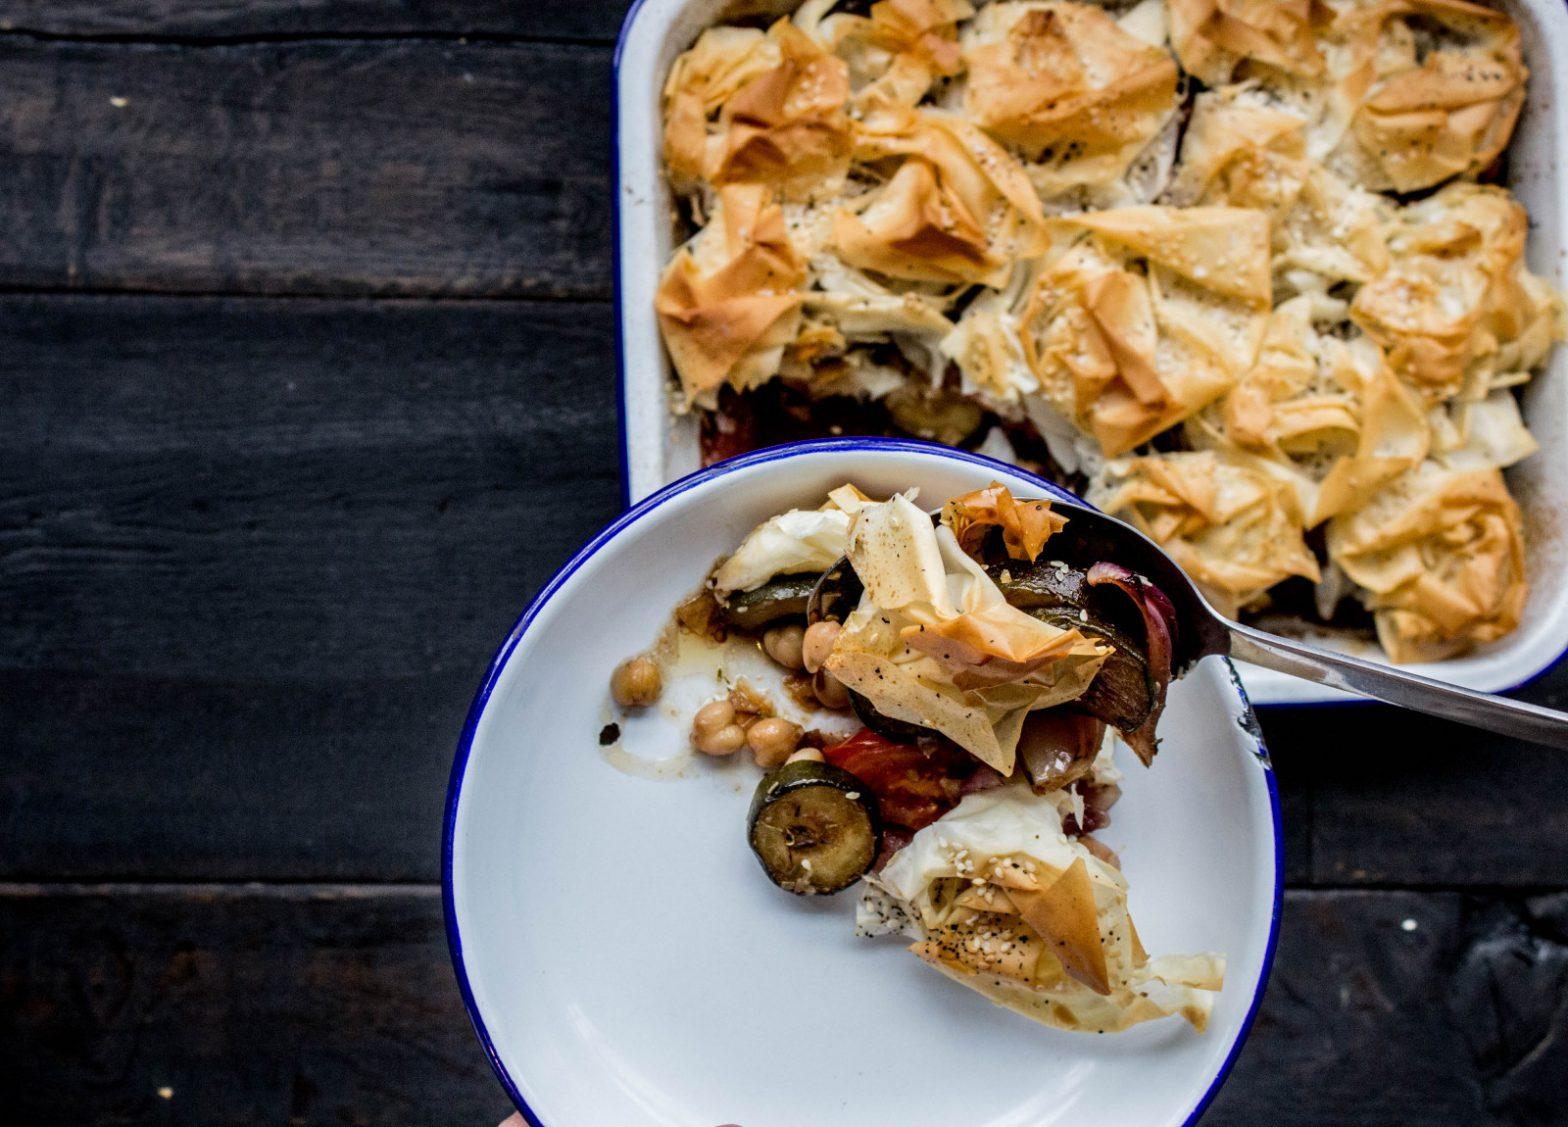 Courgette & Chickpea Filo Pie